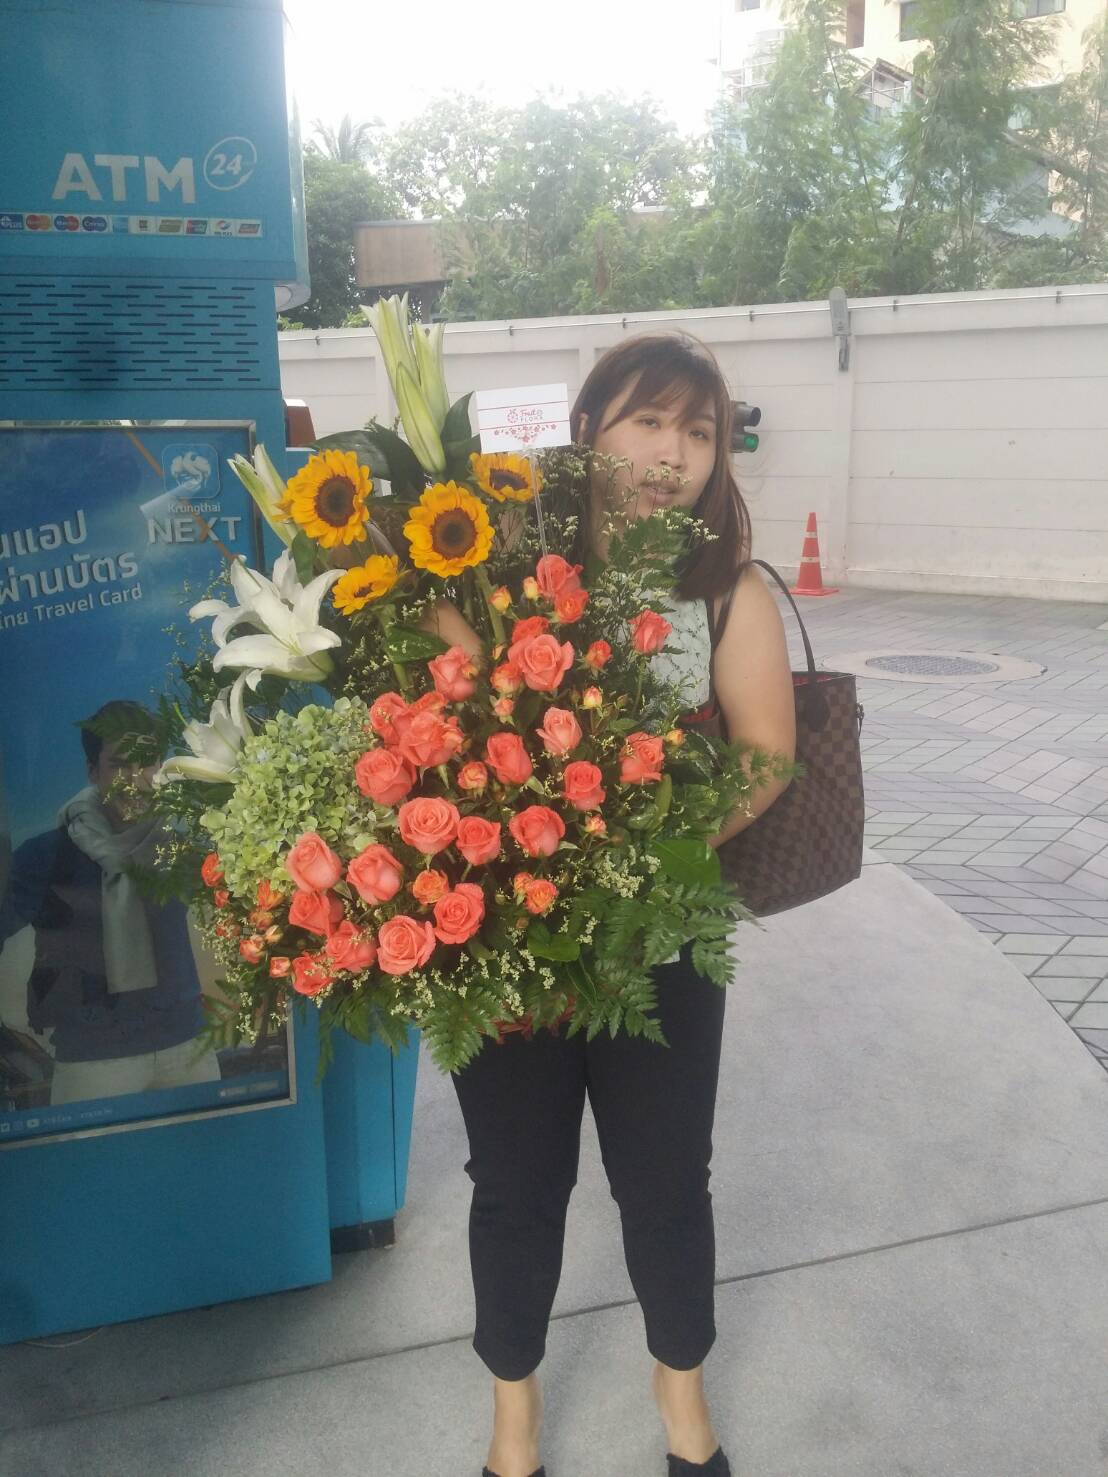 ให้กระเช้าดอกไม้โทนสีอบอุ่นของเรา ได้เติมเต็มความสุขของคุณนะคะ